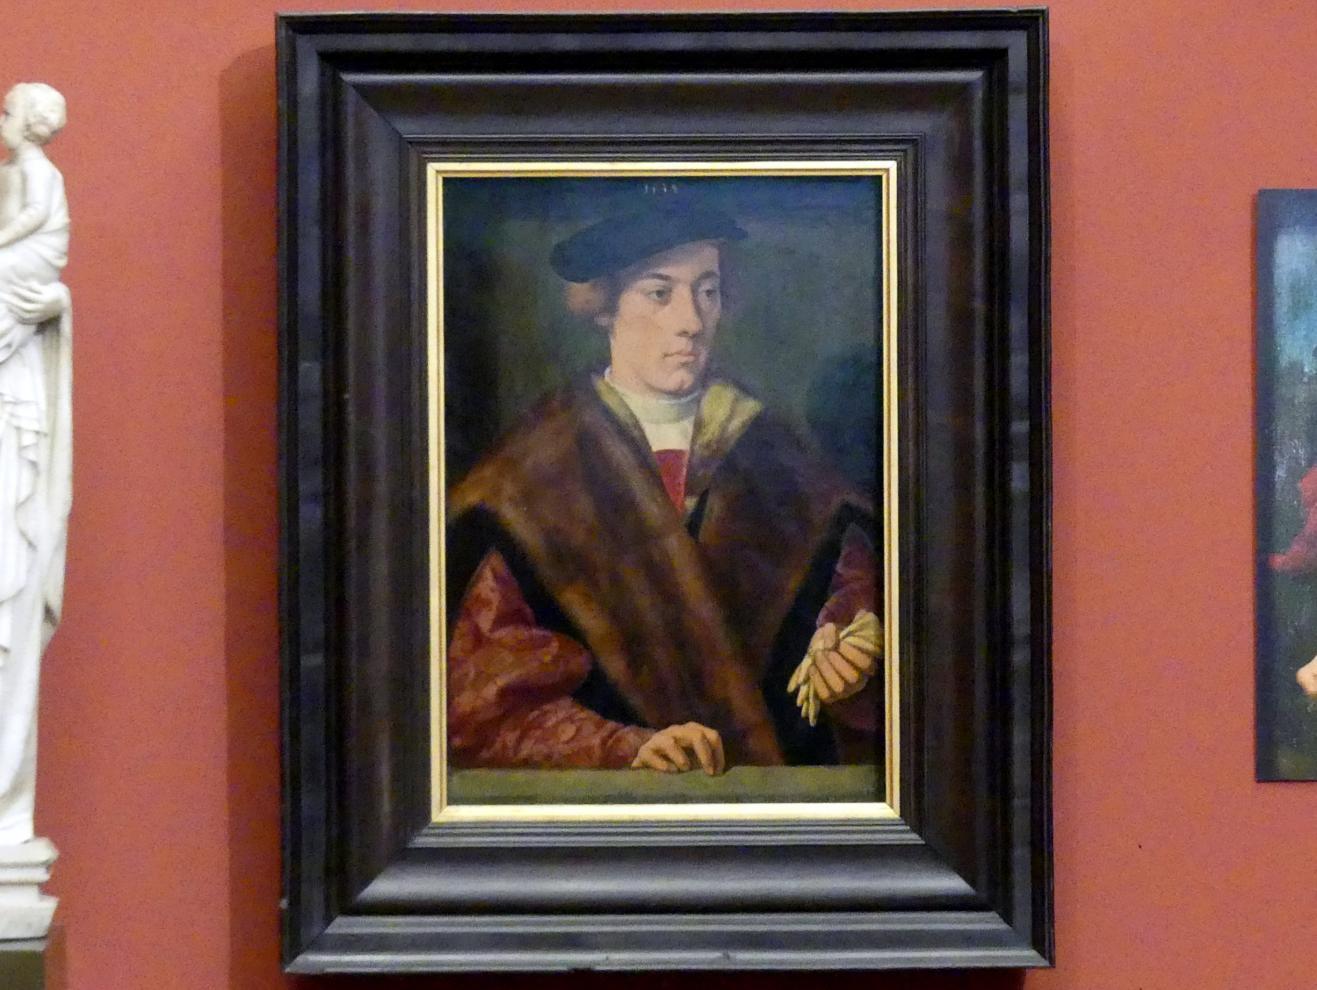 Bartholomäus Bruyn der Ältere: Bildnis eines Mannes, 1534